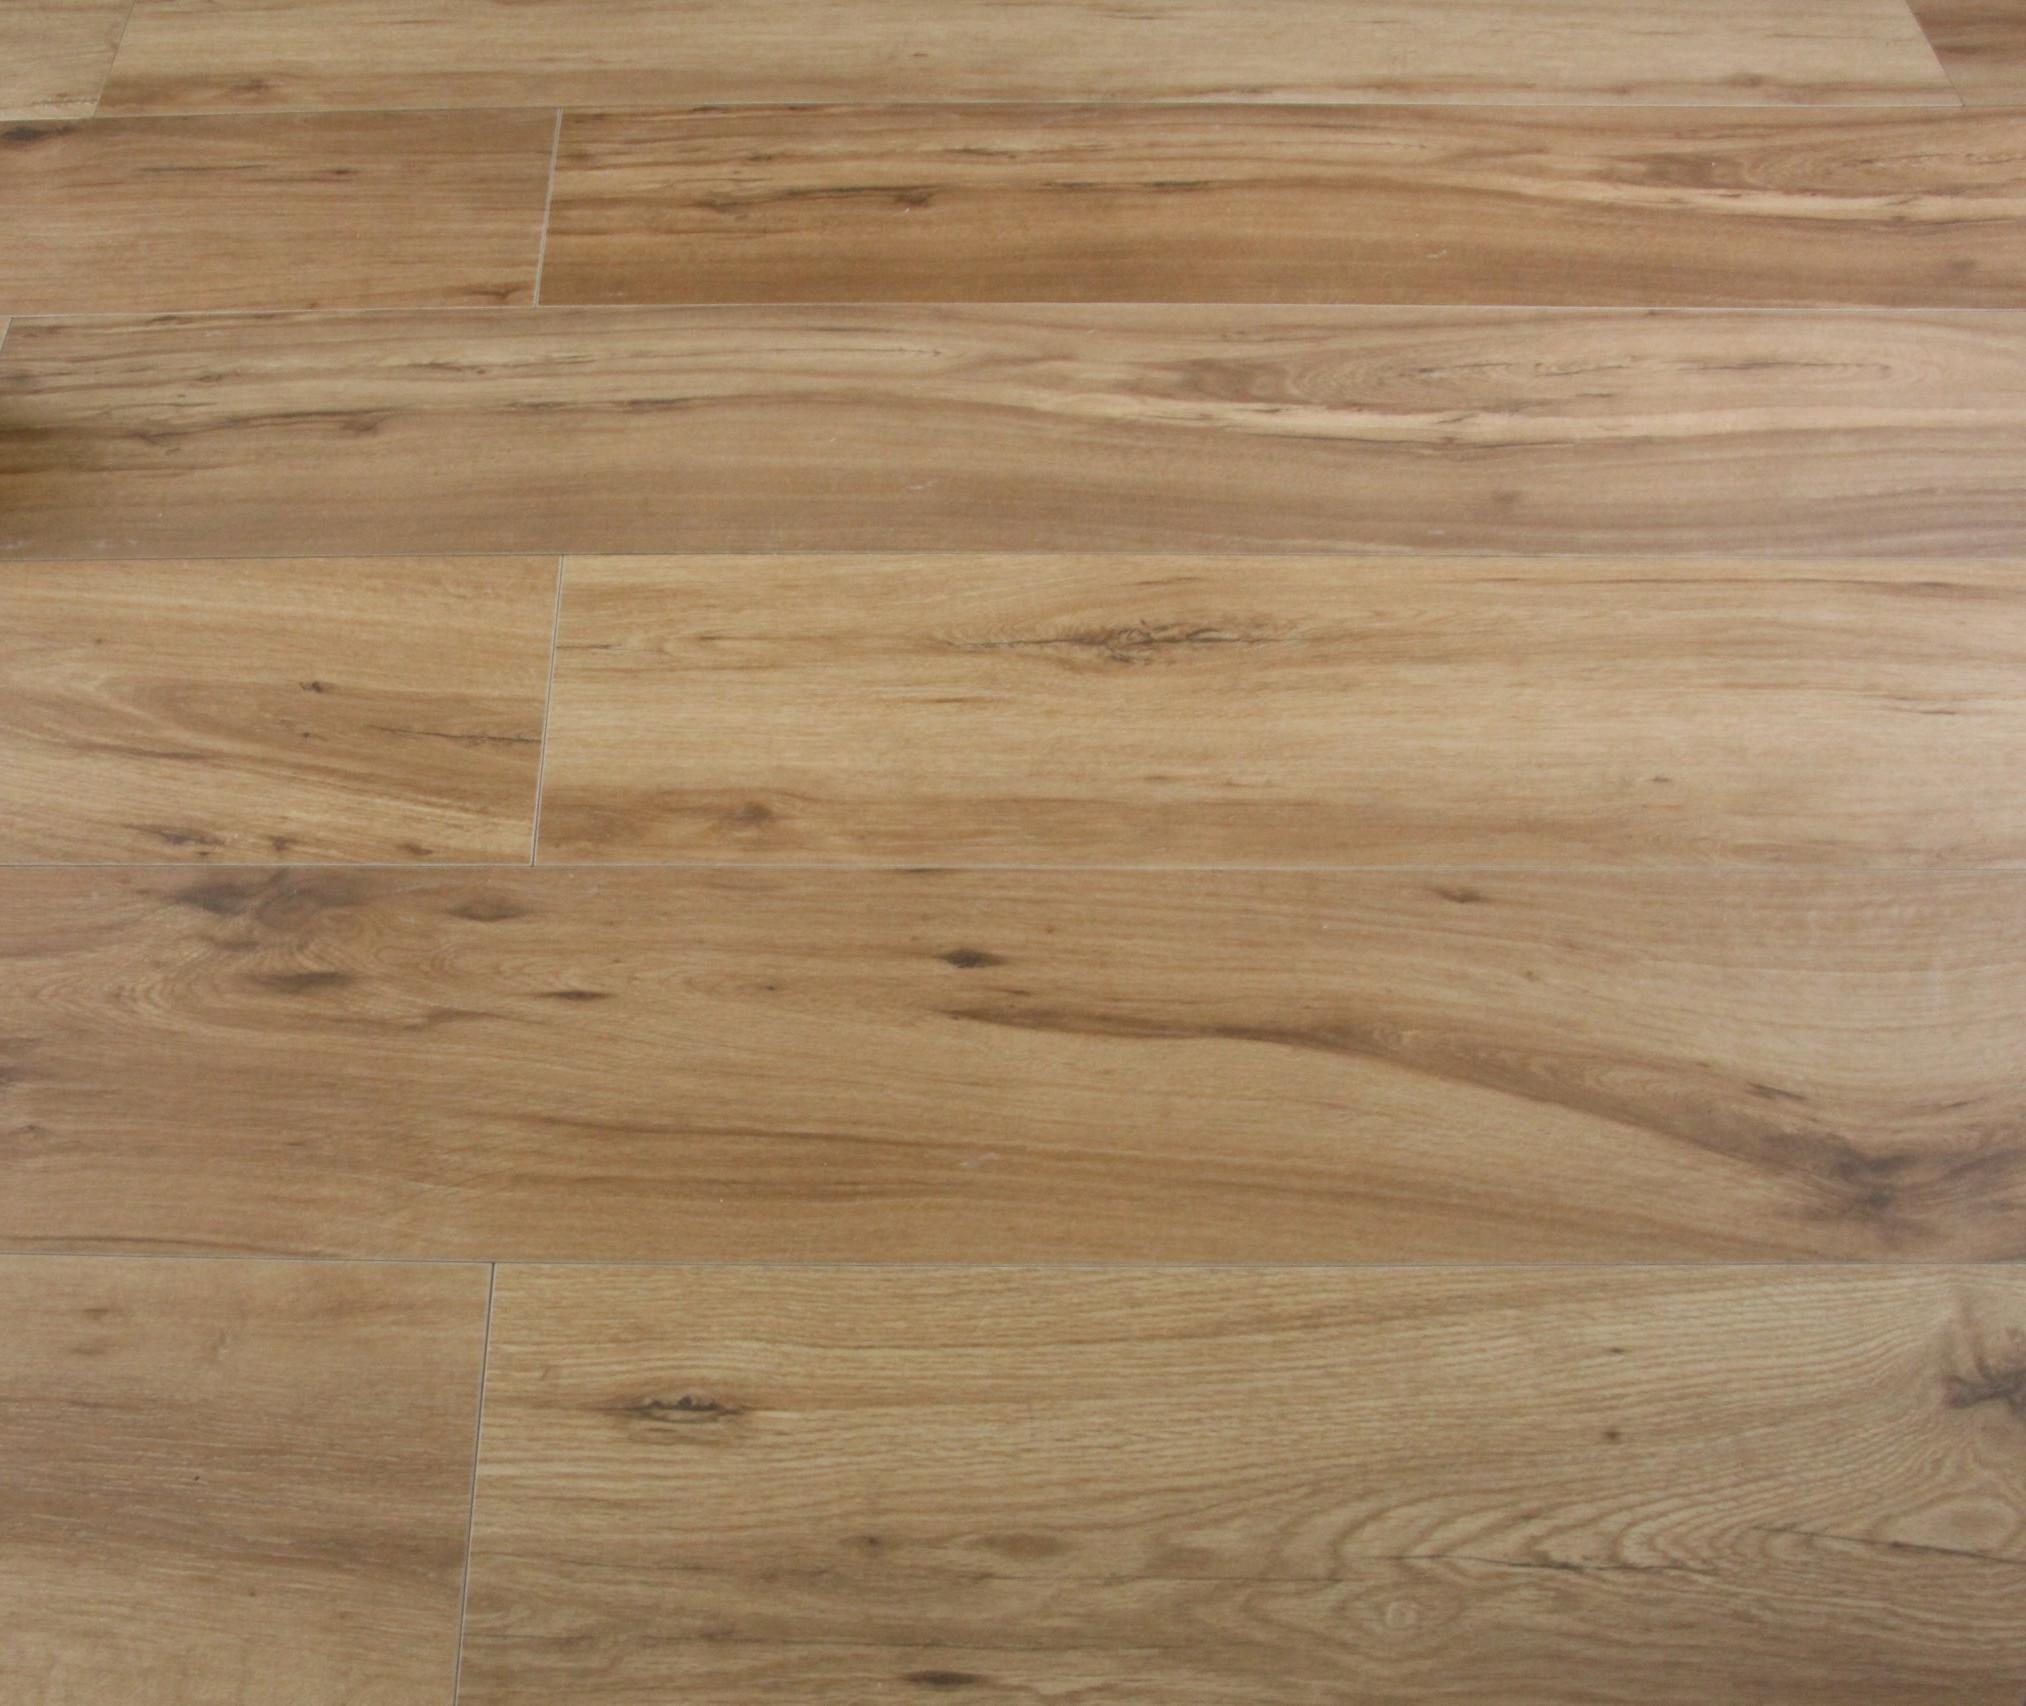 Płytki Milena Nuez 20x120 płytka drewnopodobna